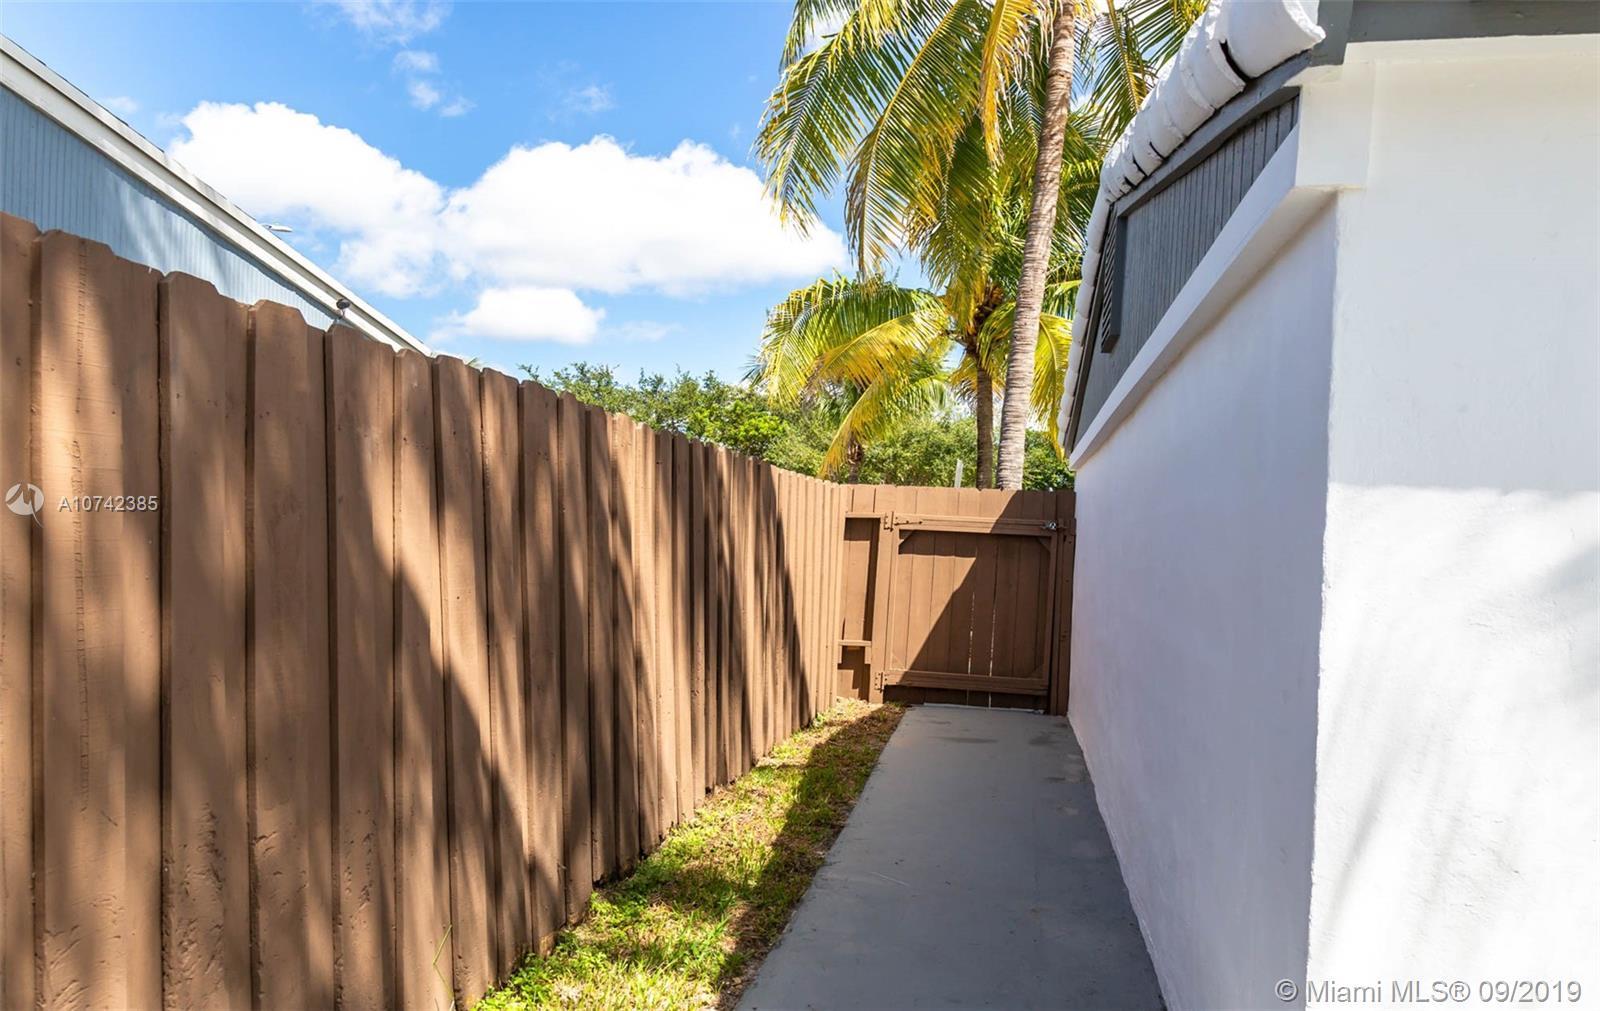 North Miami Beach # - 27 - photo